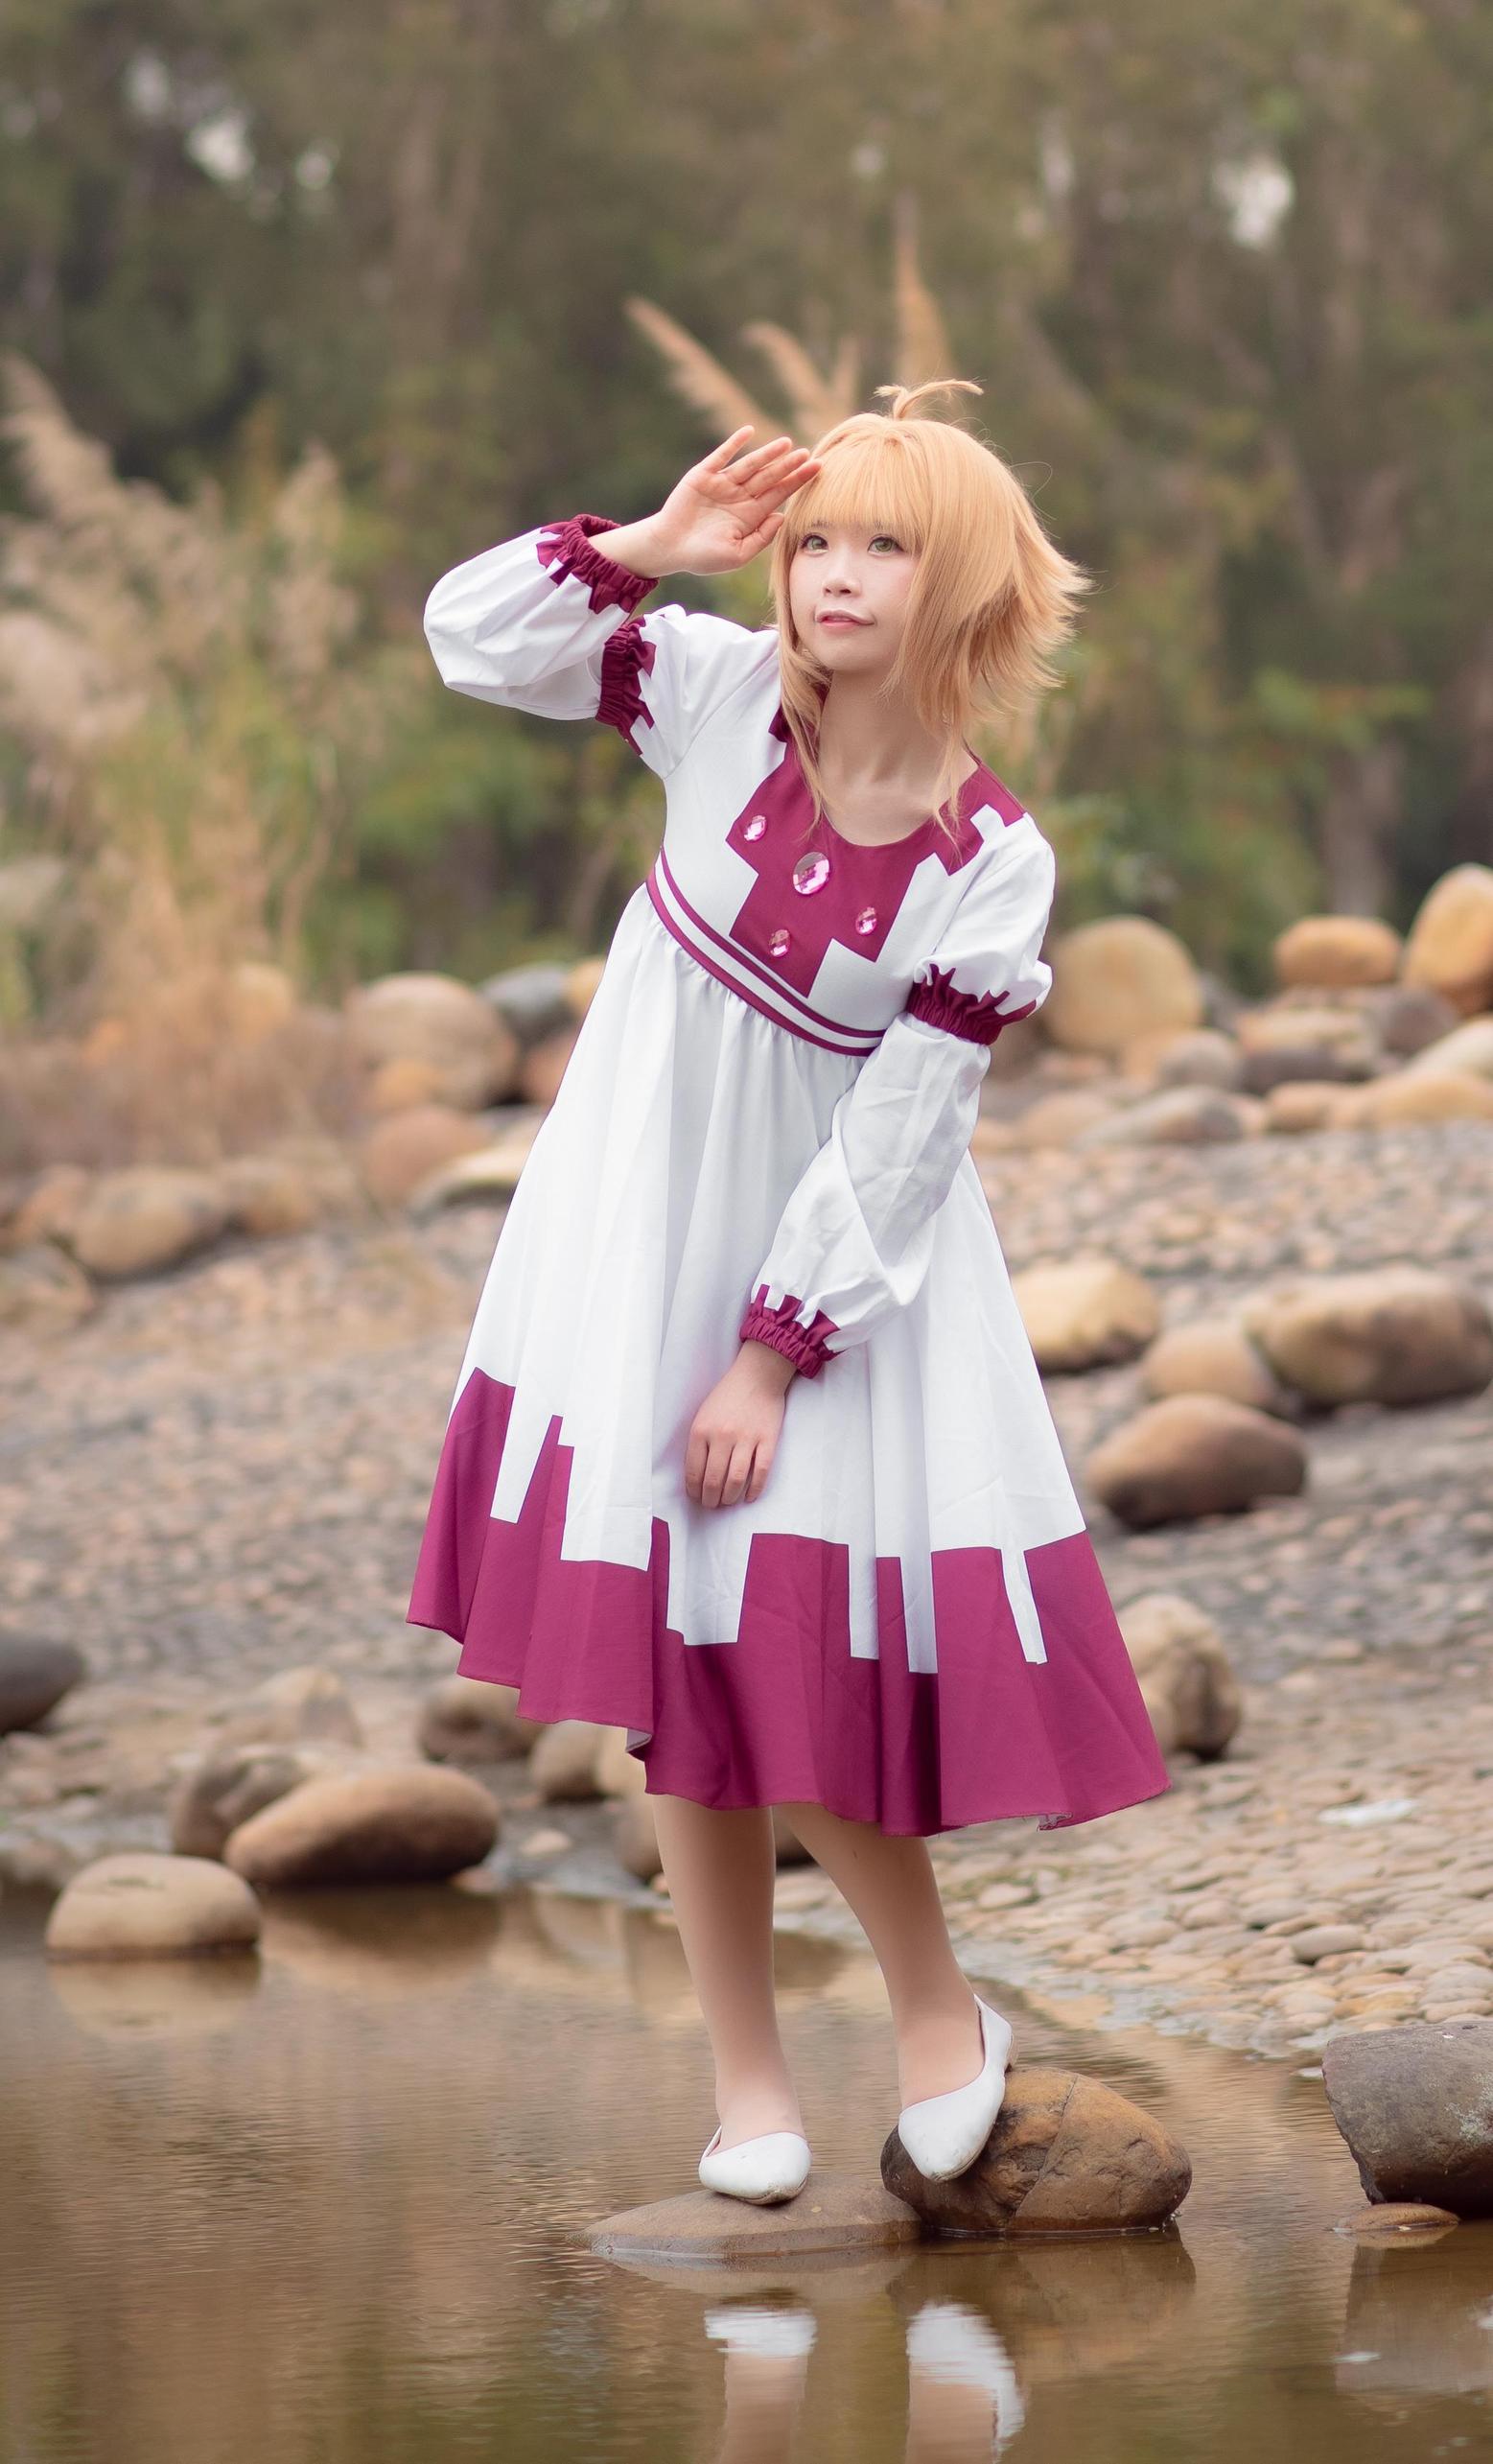 翼年代记小樱cosplay【CN:米旭Miss_U】 -精灵梦叶罗丽cosplay图片插图